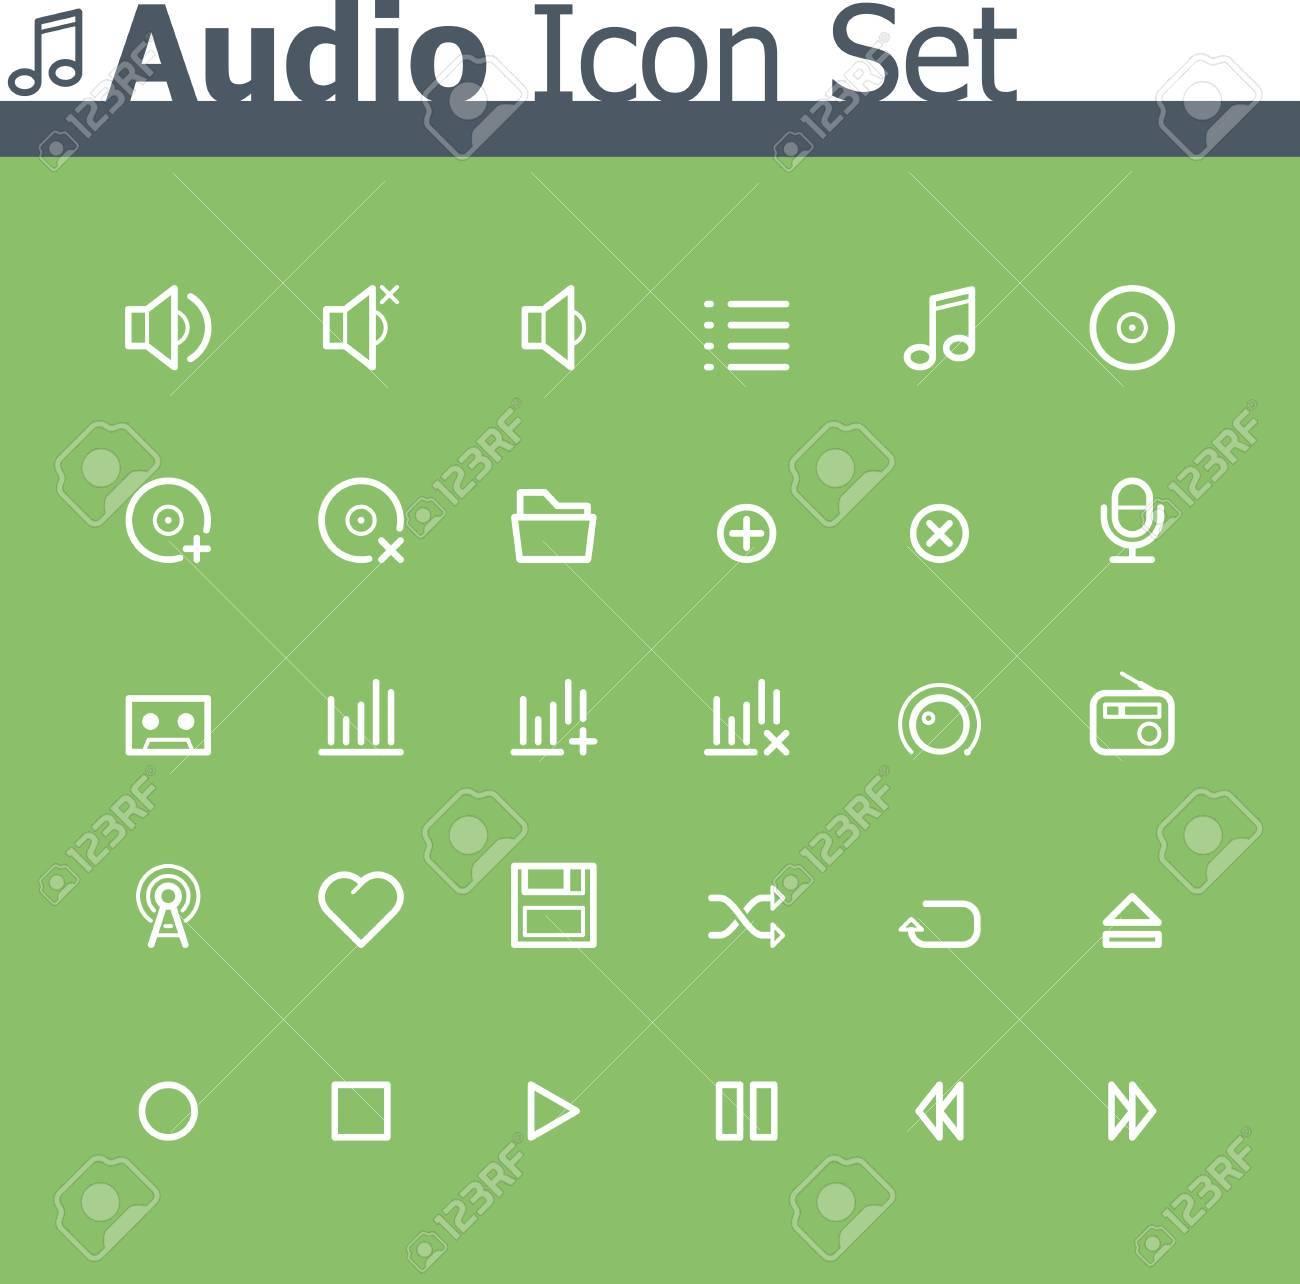 Audio icon set Stock Vector - 24174508